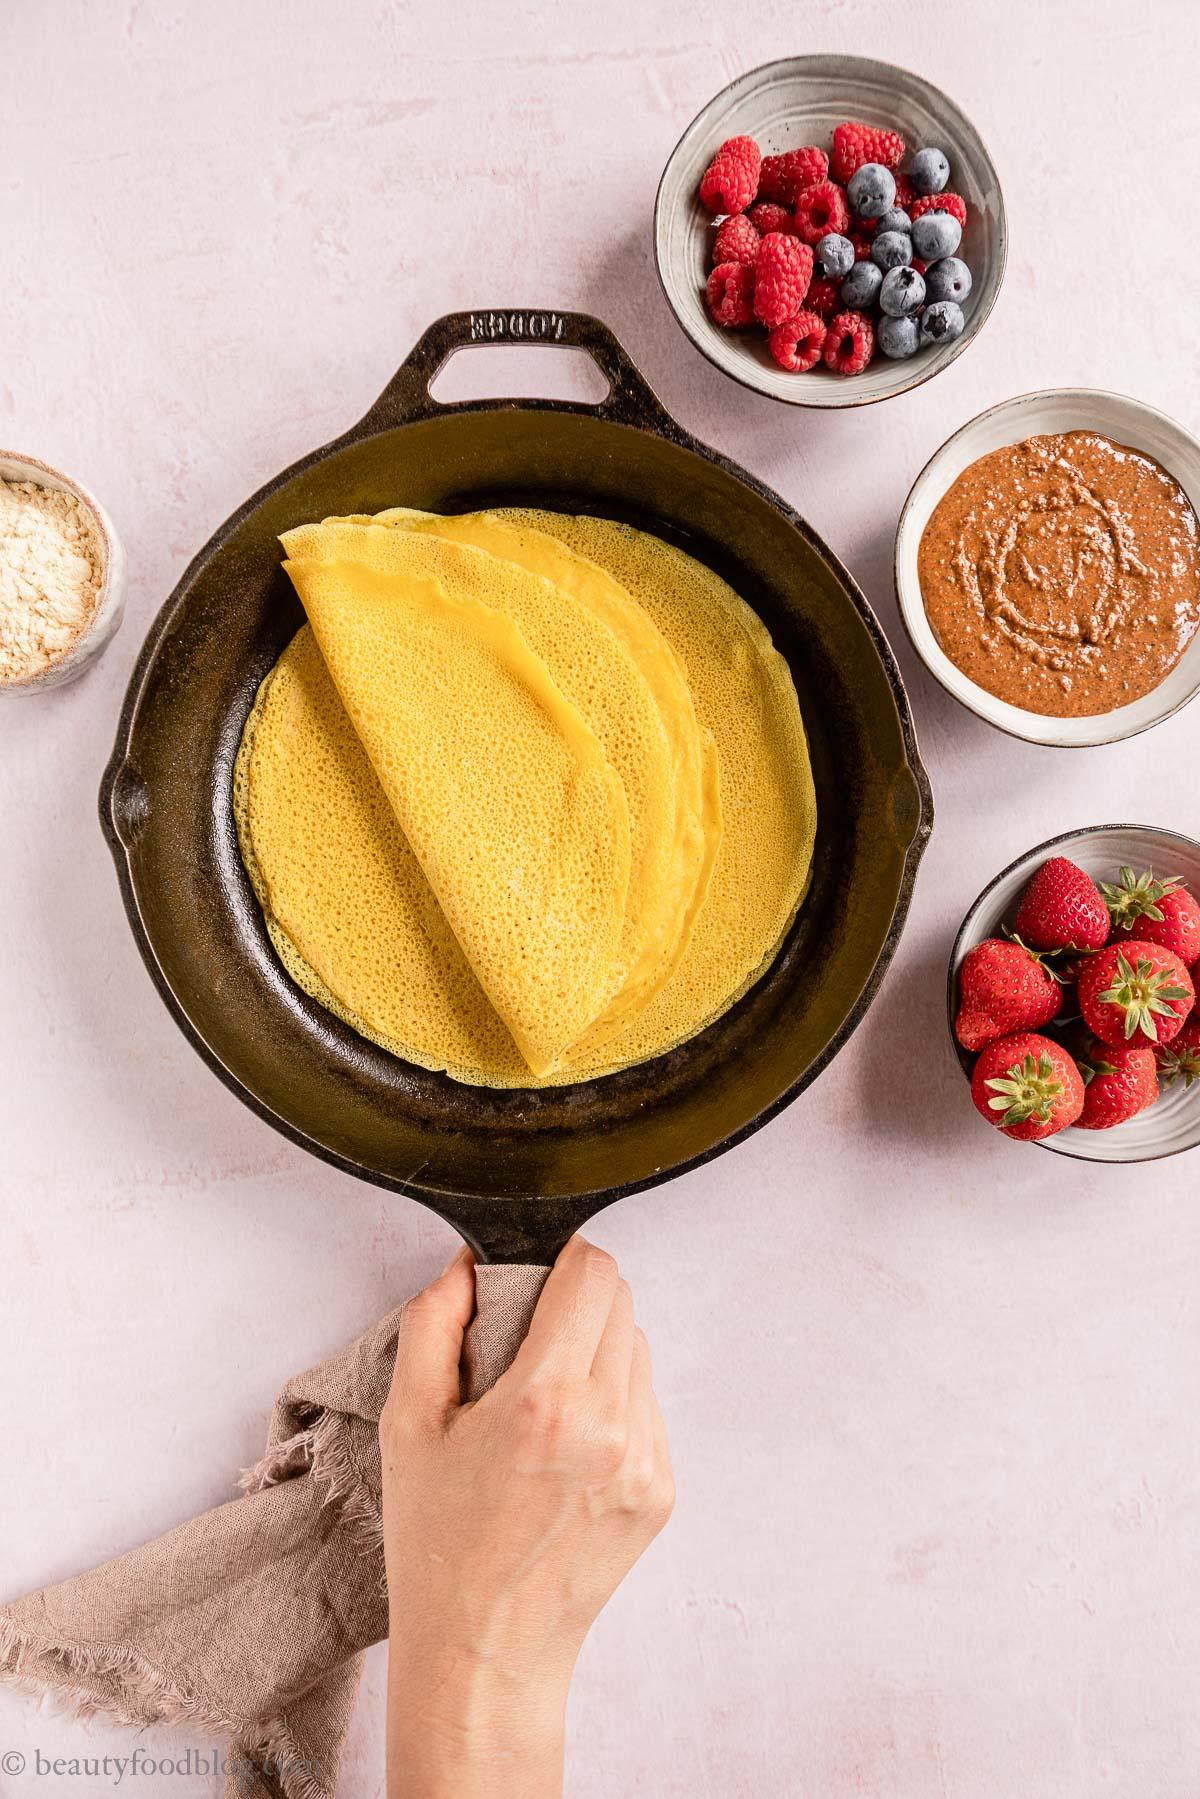 padella antiaderente con Crespelle con Farina di Ceci non-stick pan with Gluten-free Vegan Chickpea Crepes